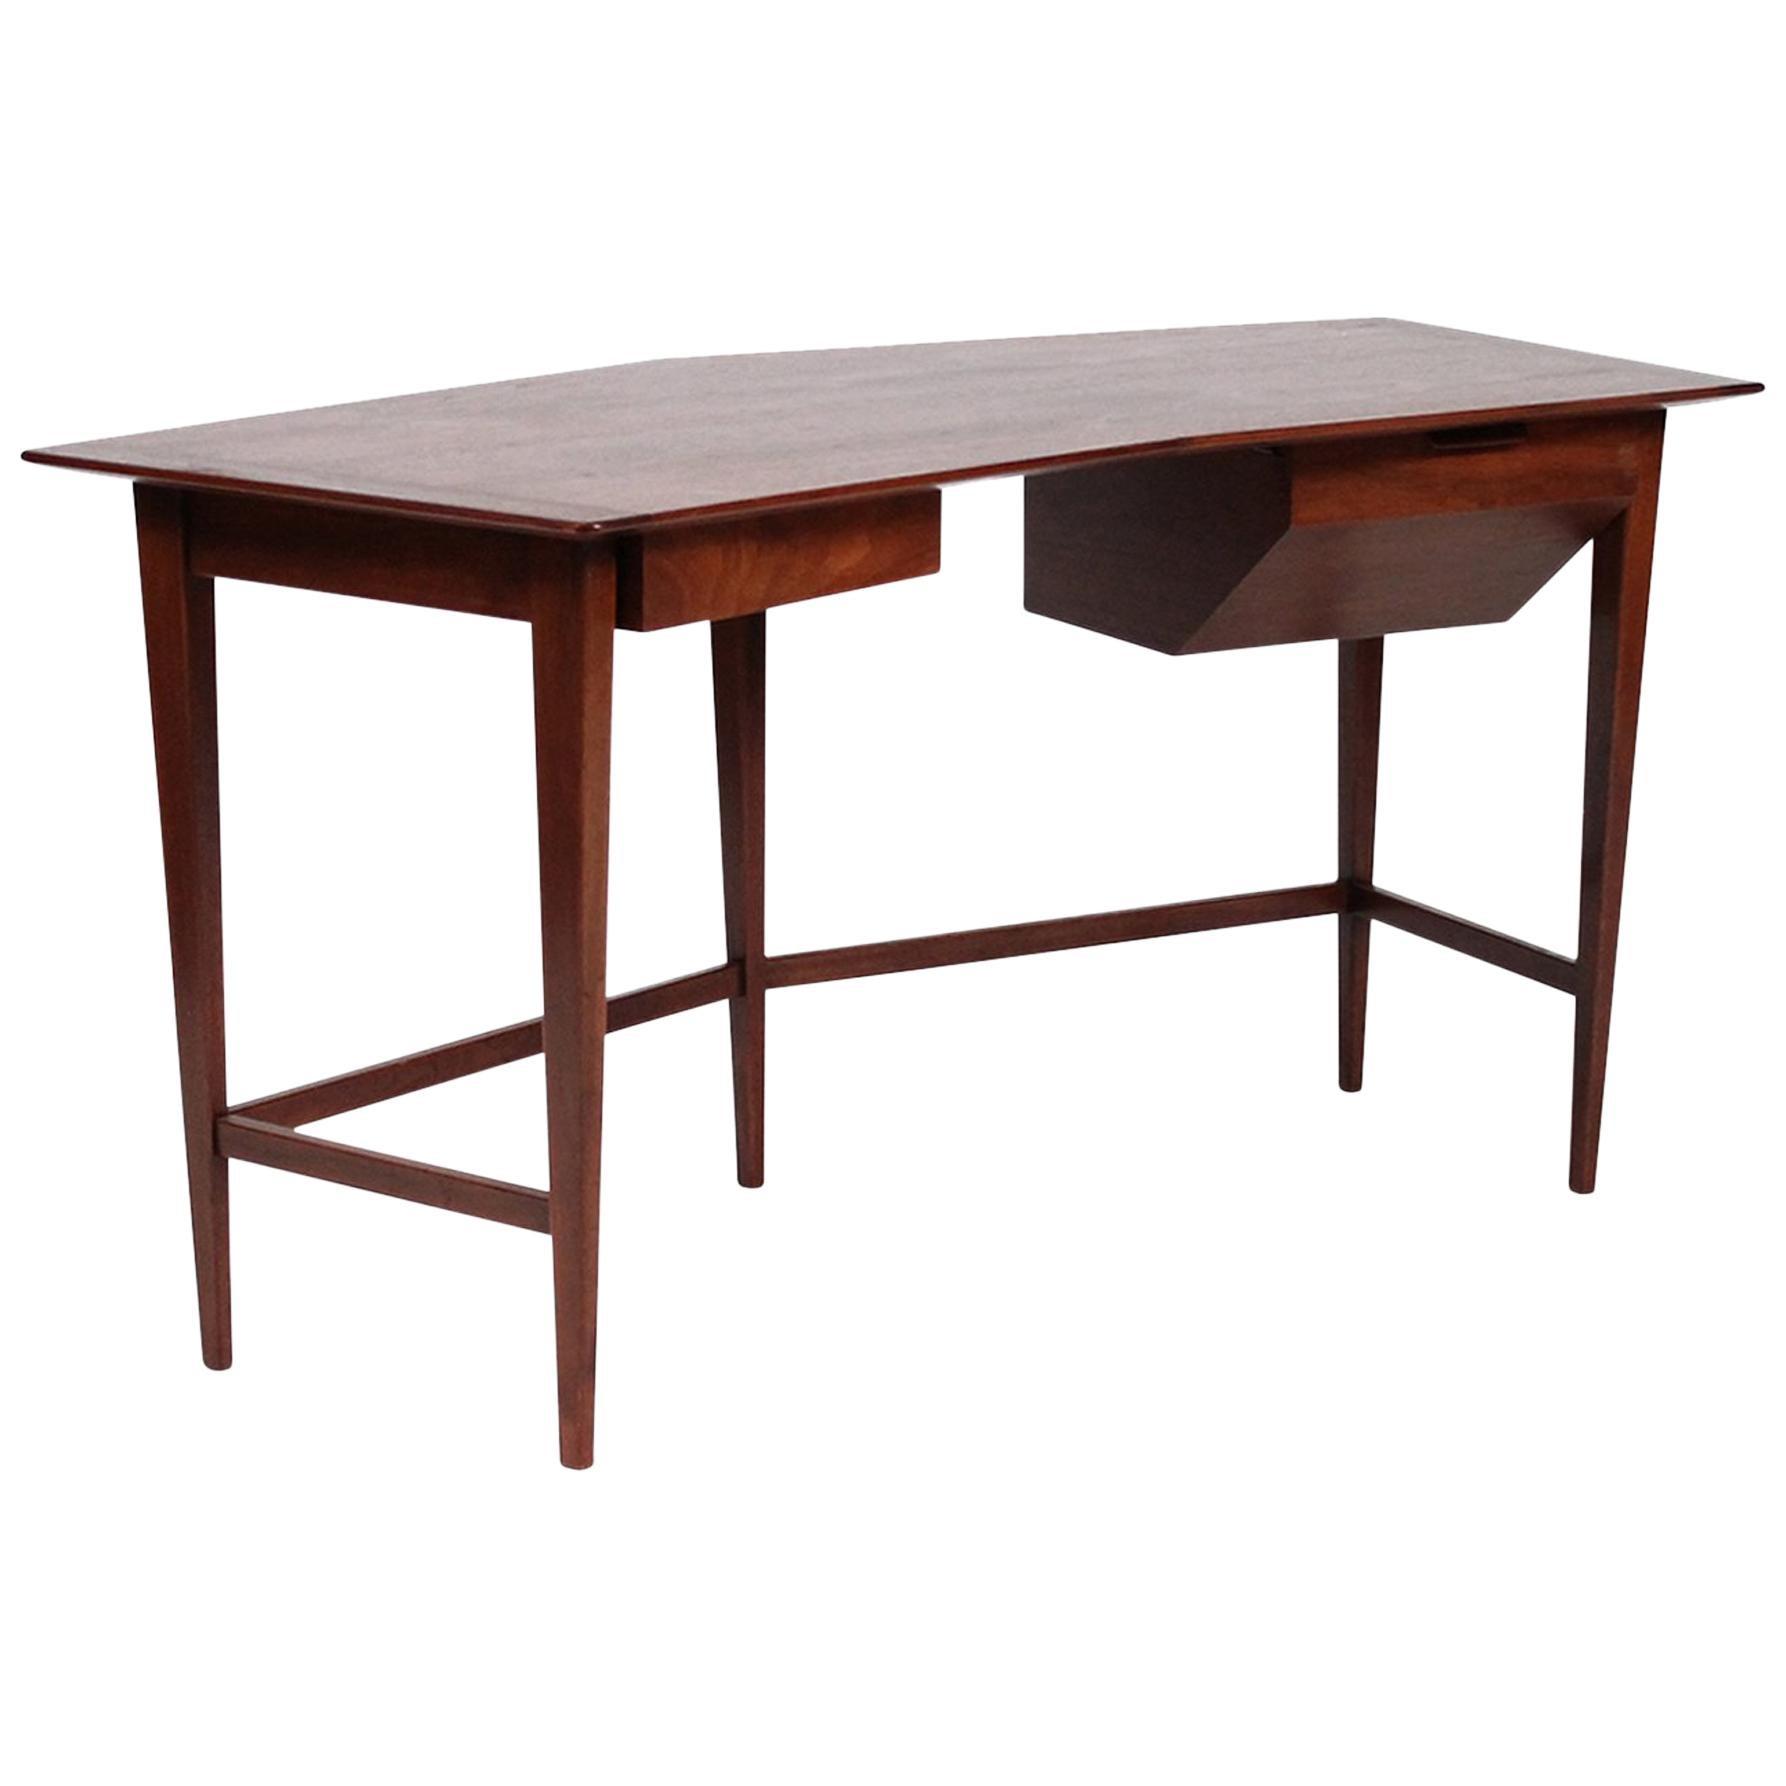 Rare Edward Wormley for Dunbar Desk